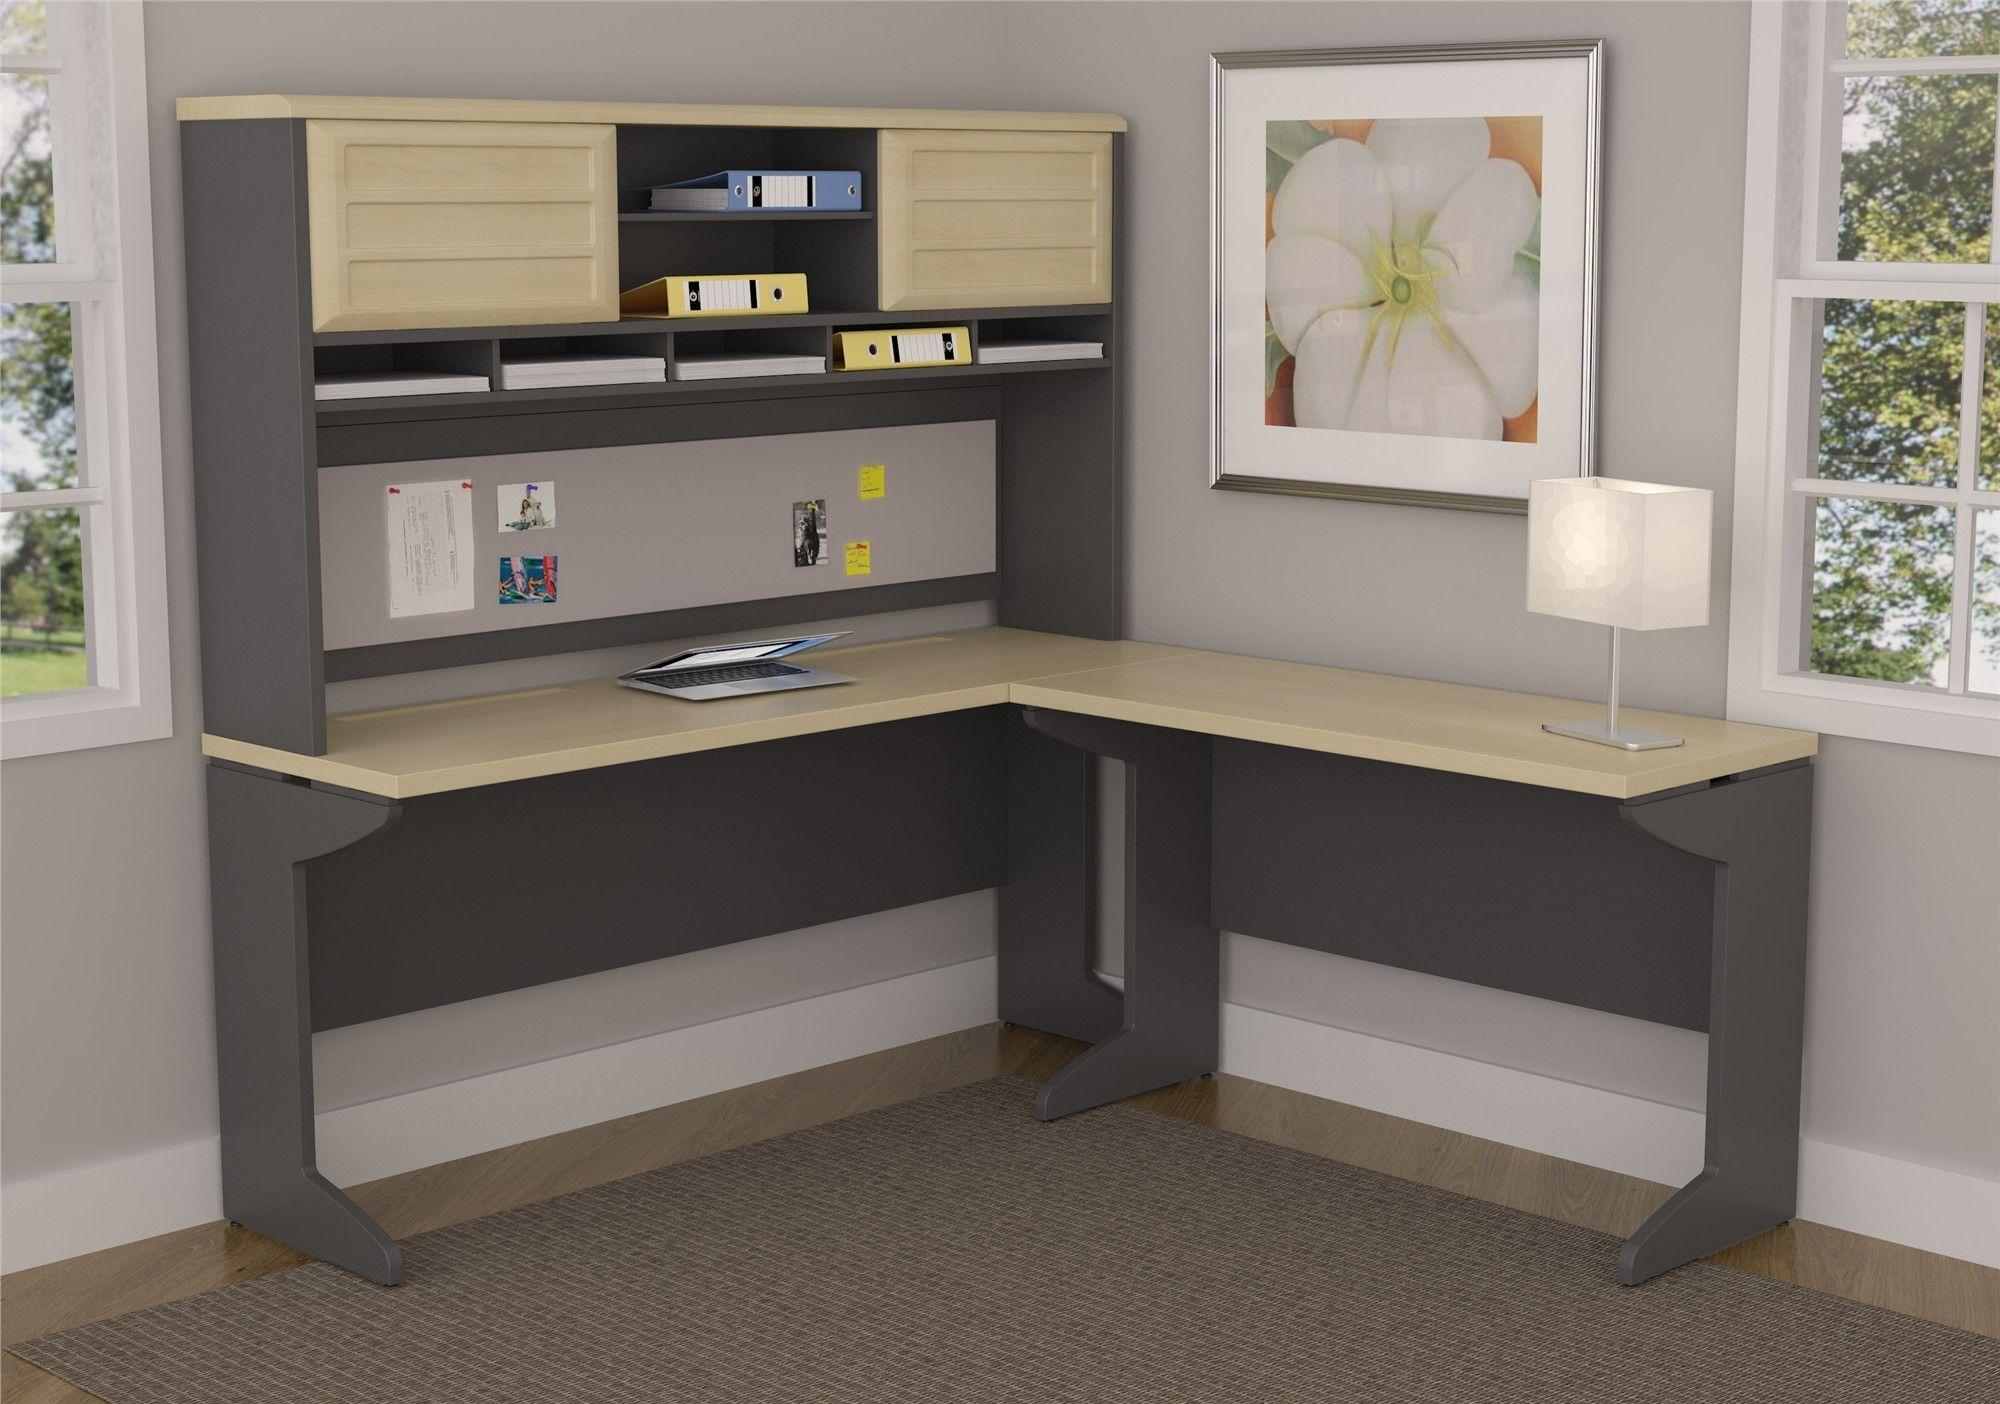 Office Corner Desk Units Bladeless Usb Desk Fan